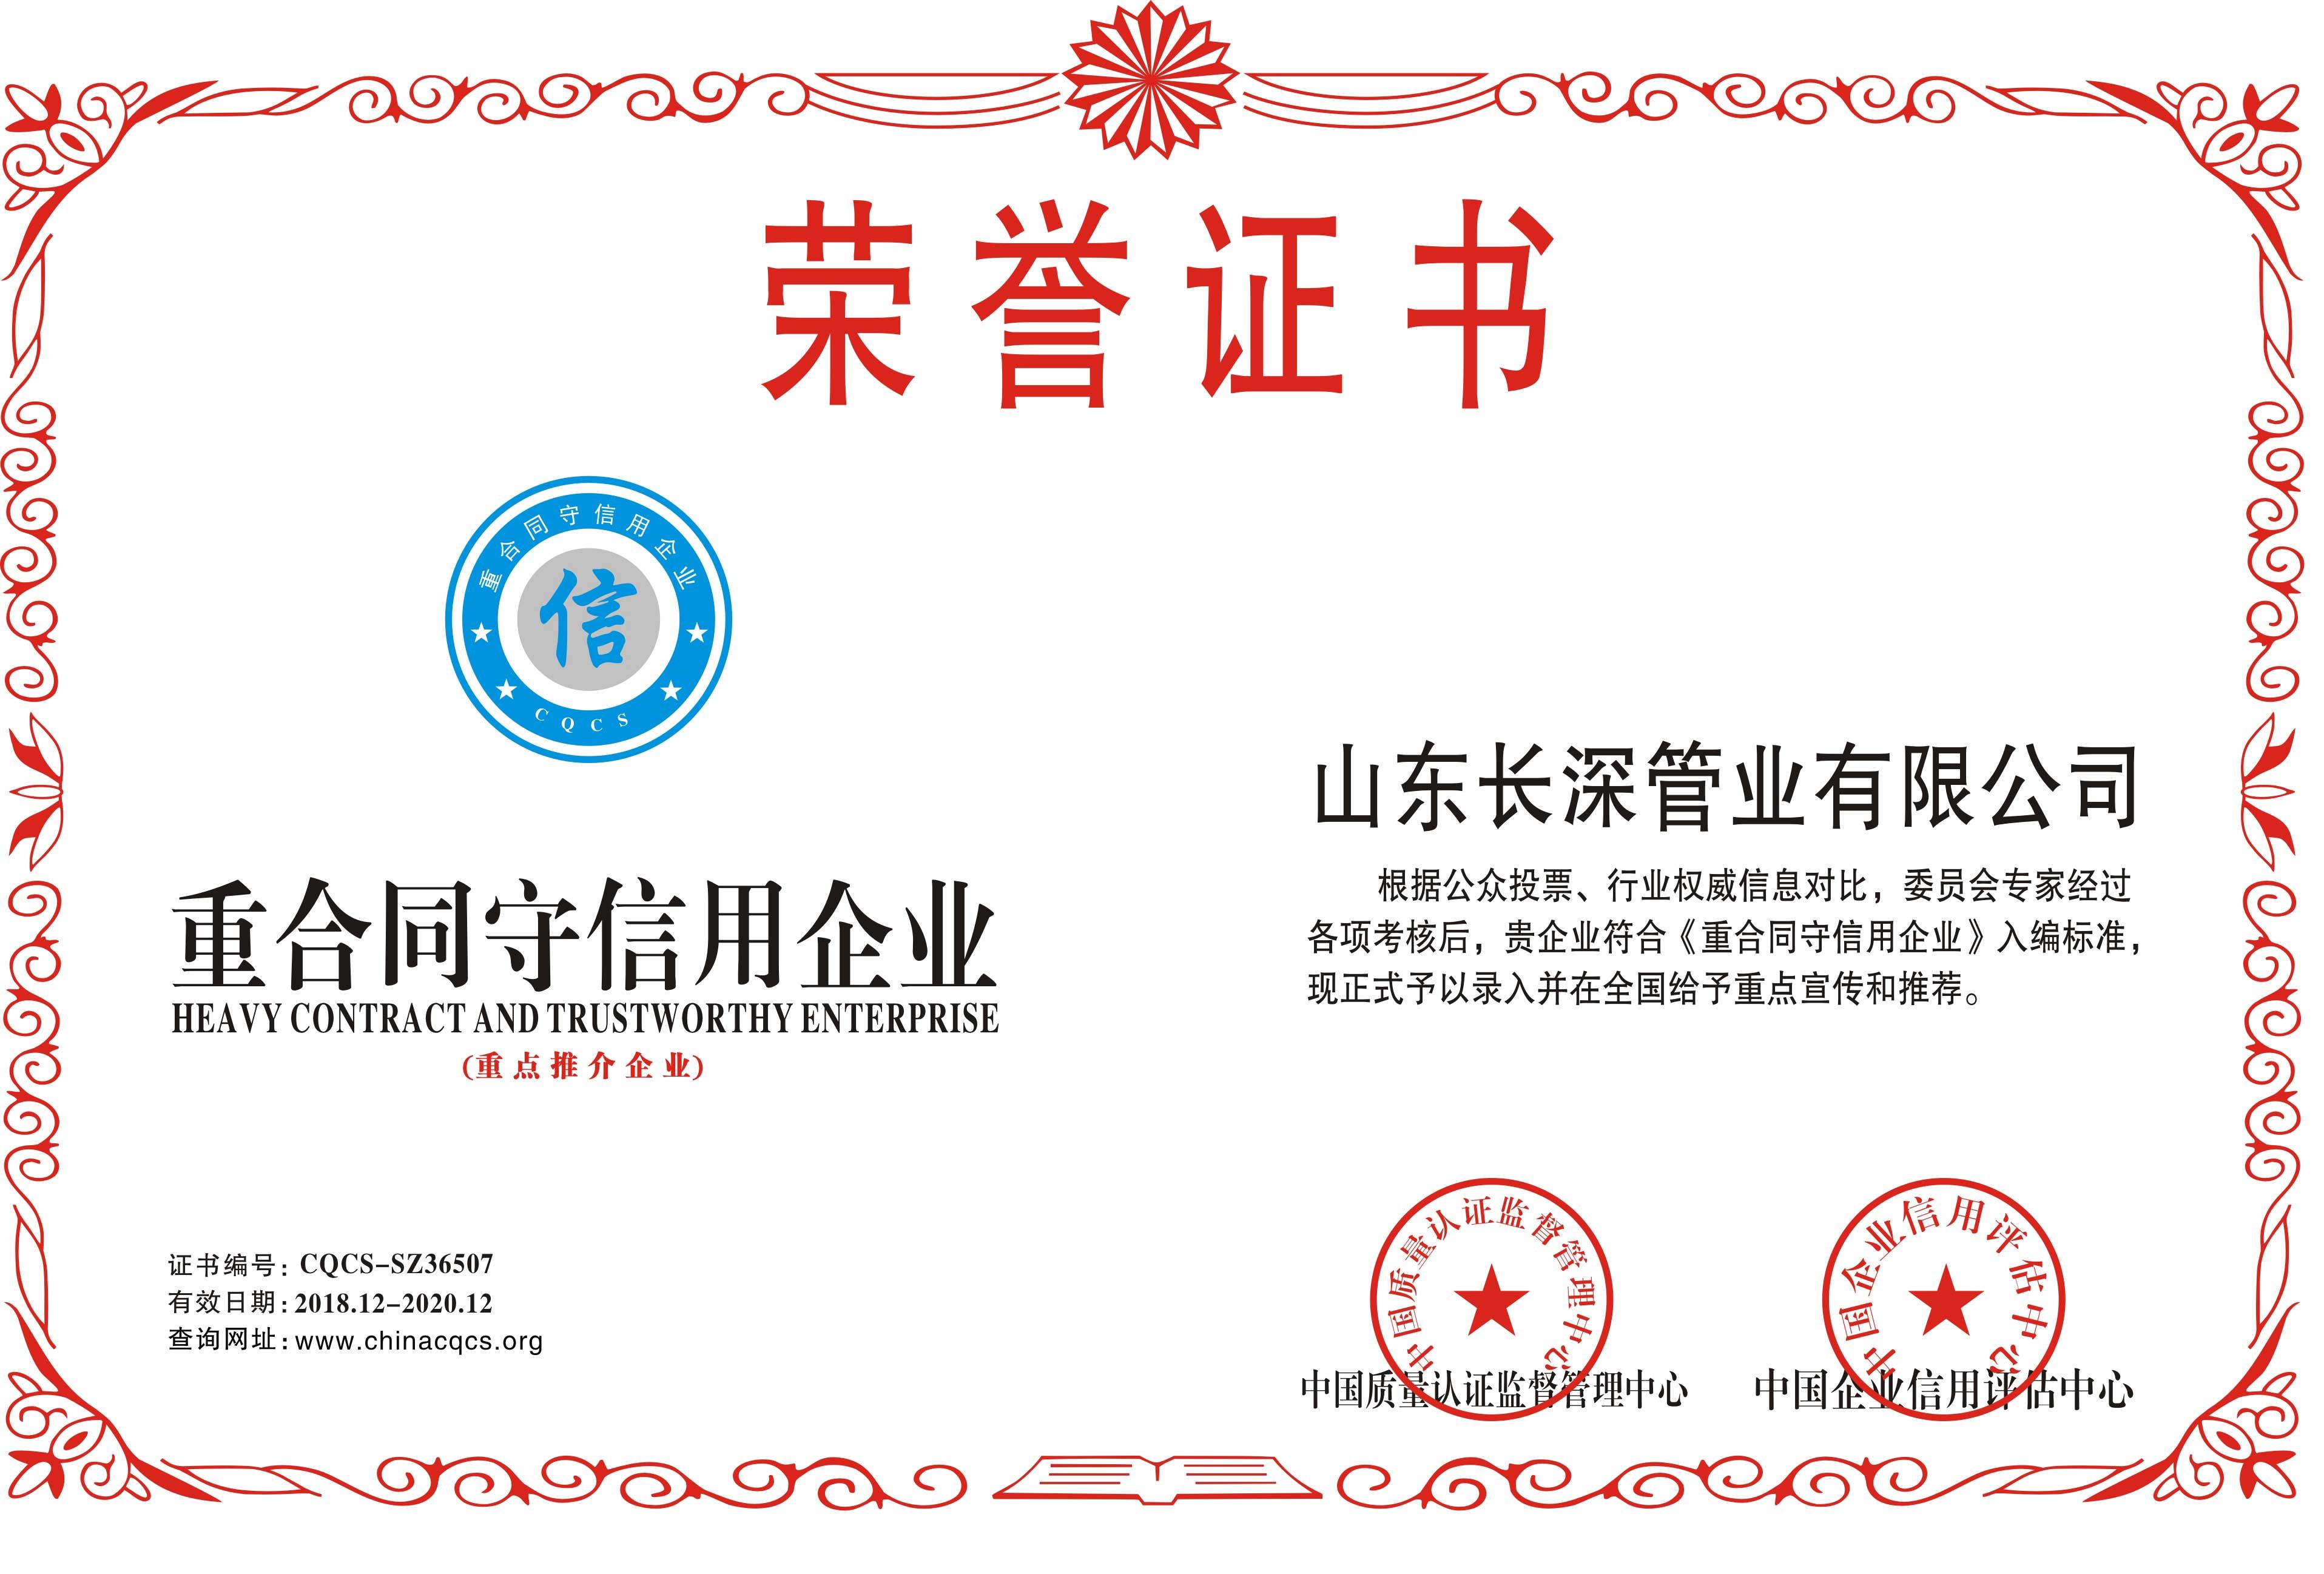 重合同守信用企业认证